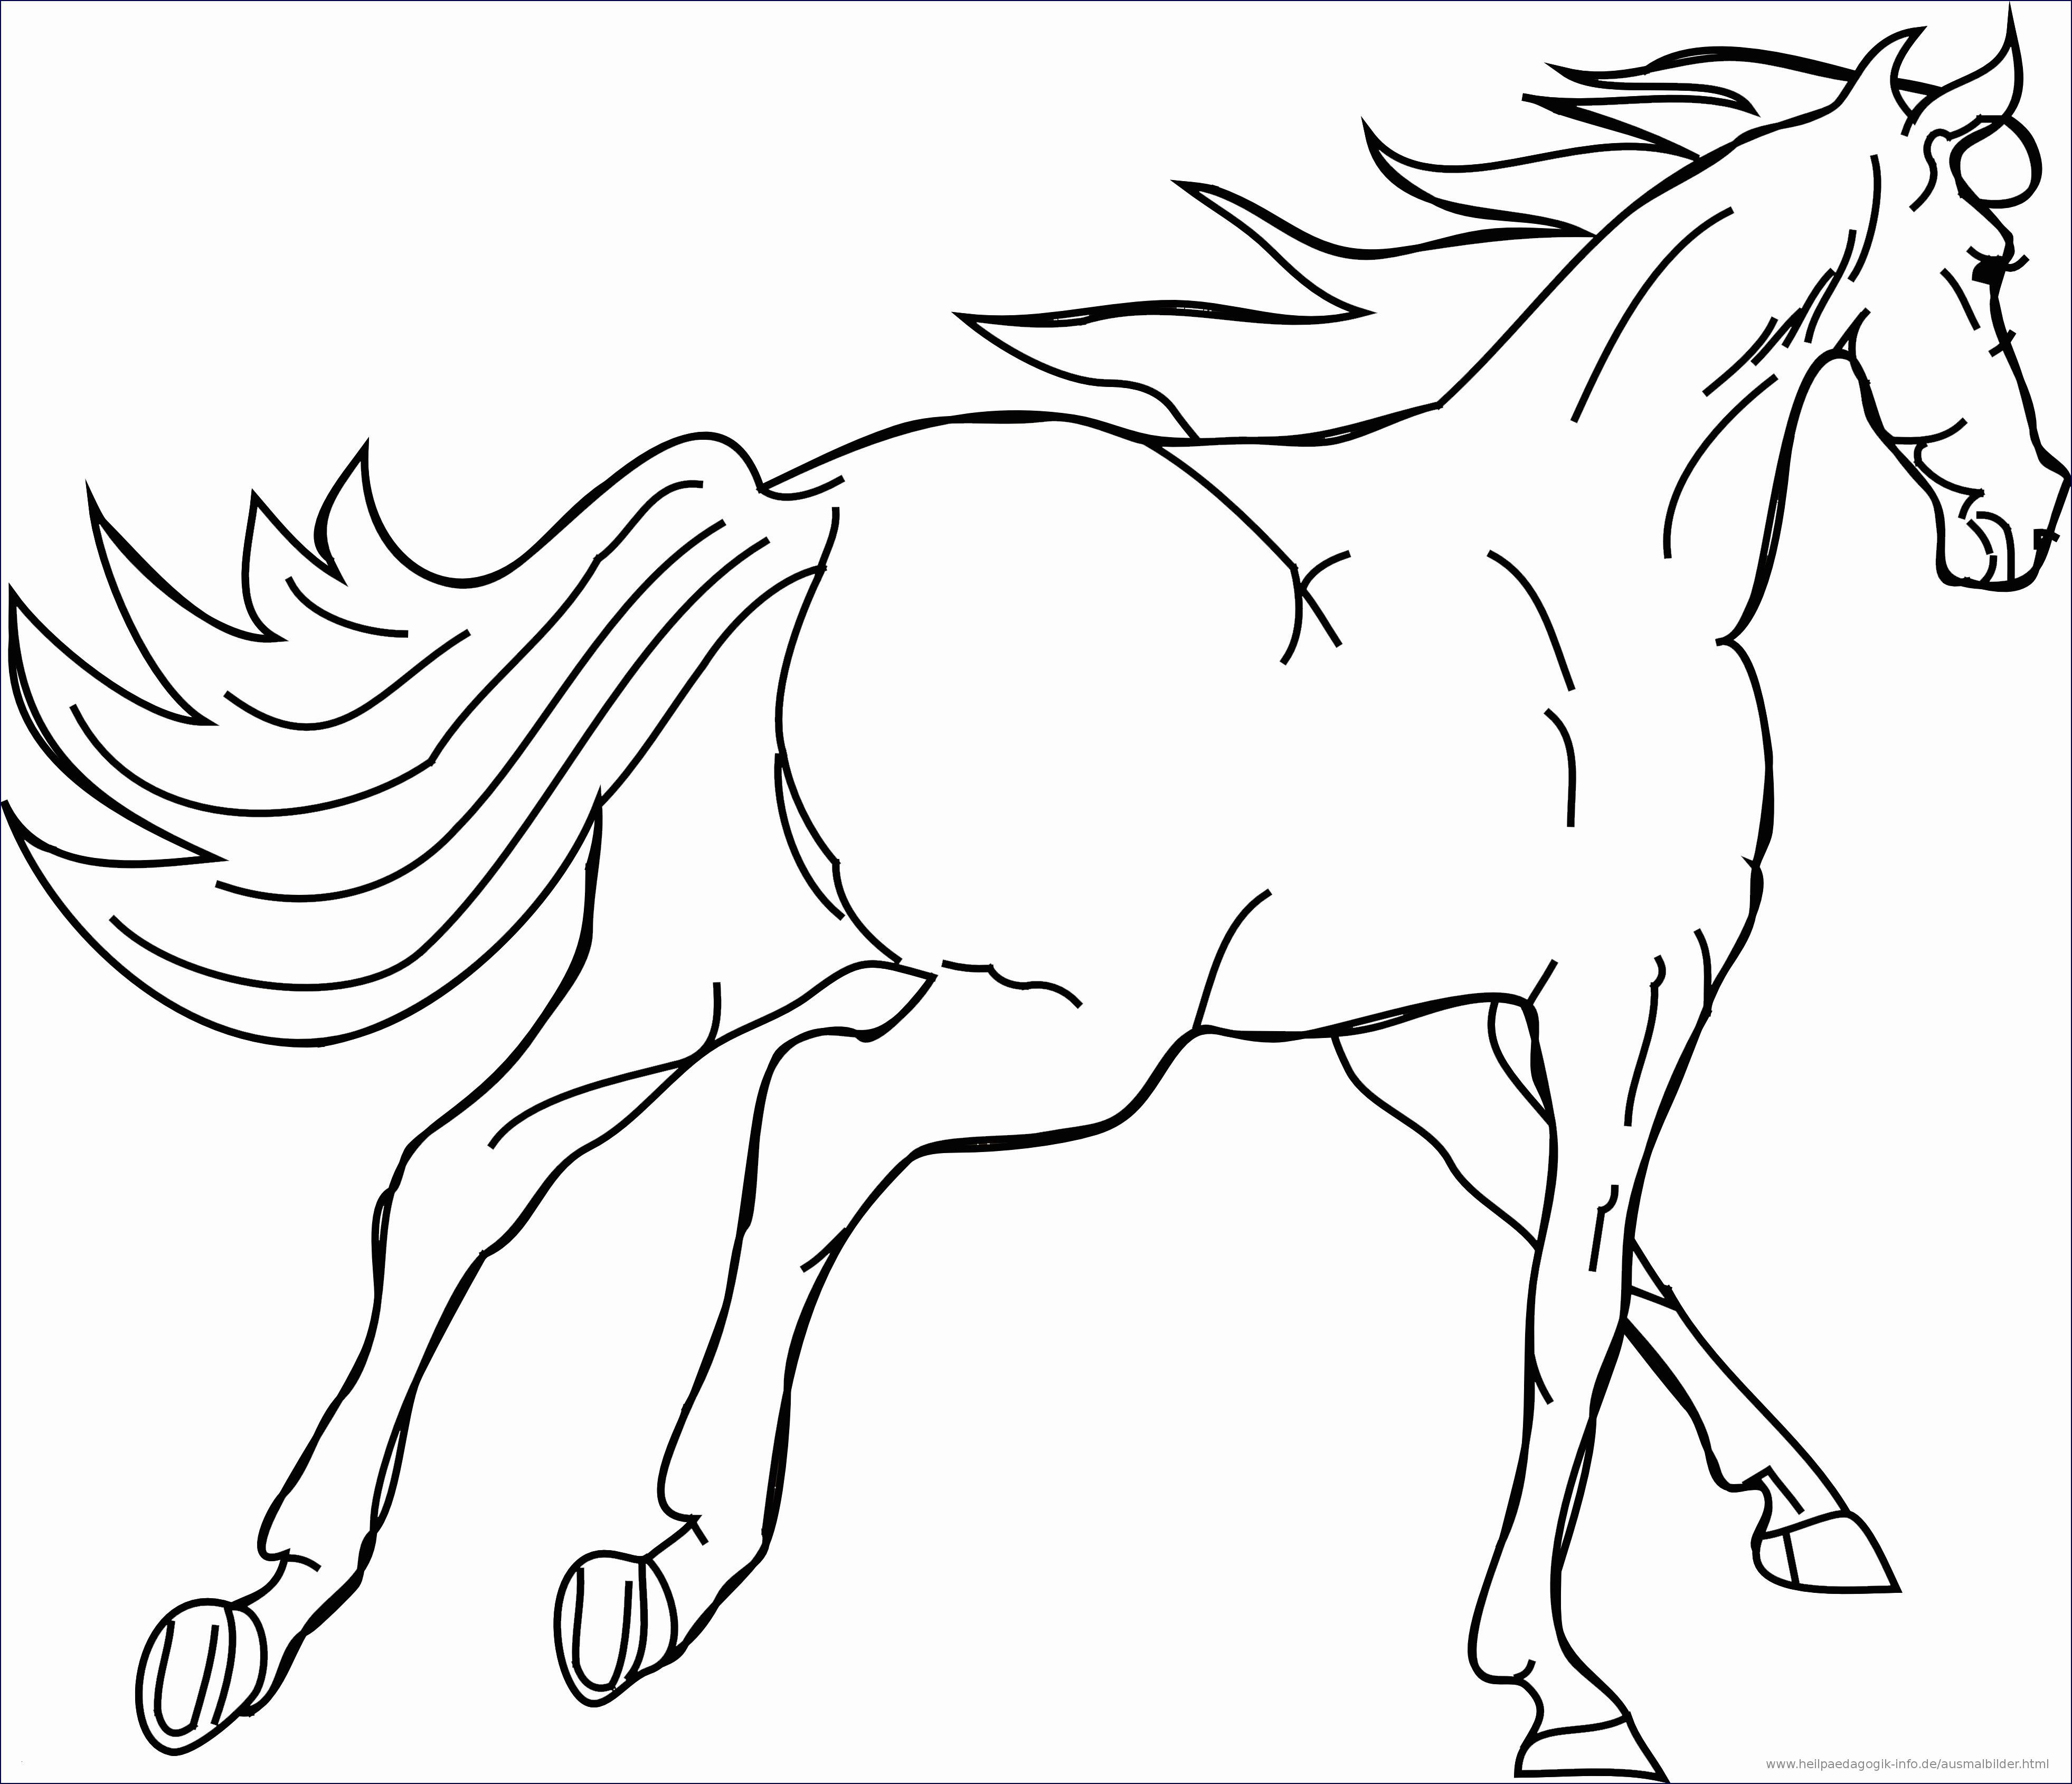 Filly Pferd Ausmalbilder Einzigartig Ausmalbilder Filly Pferde Elegant Filly Pferd Ausmalbilder Genial 42 Fotos